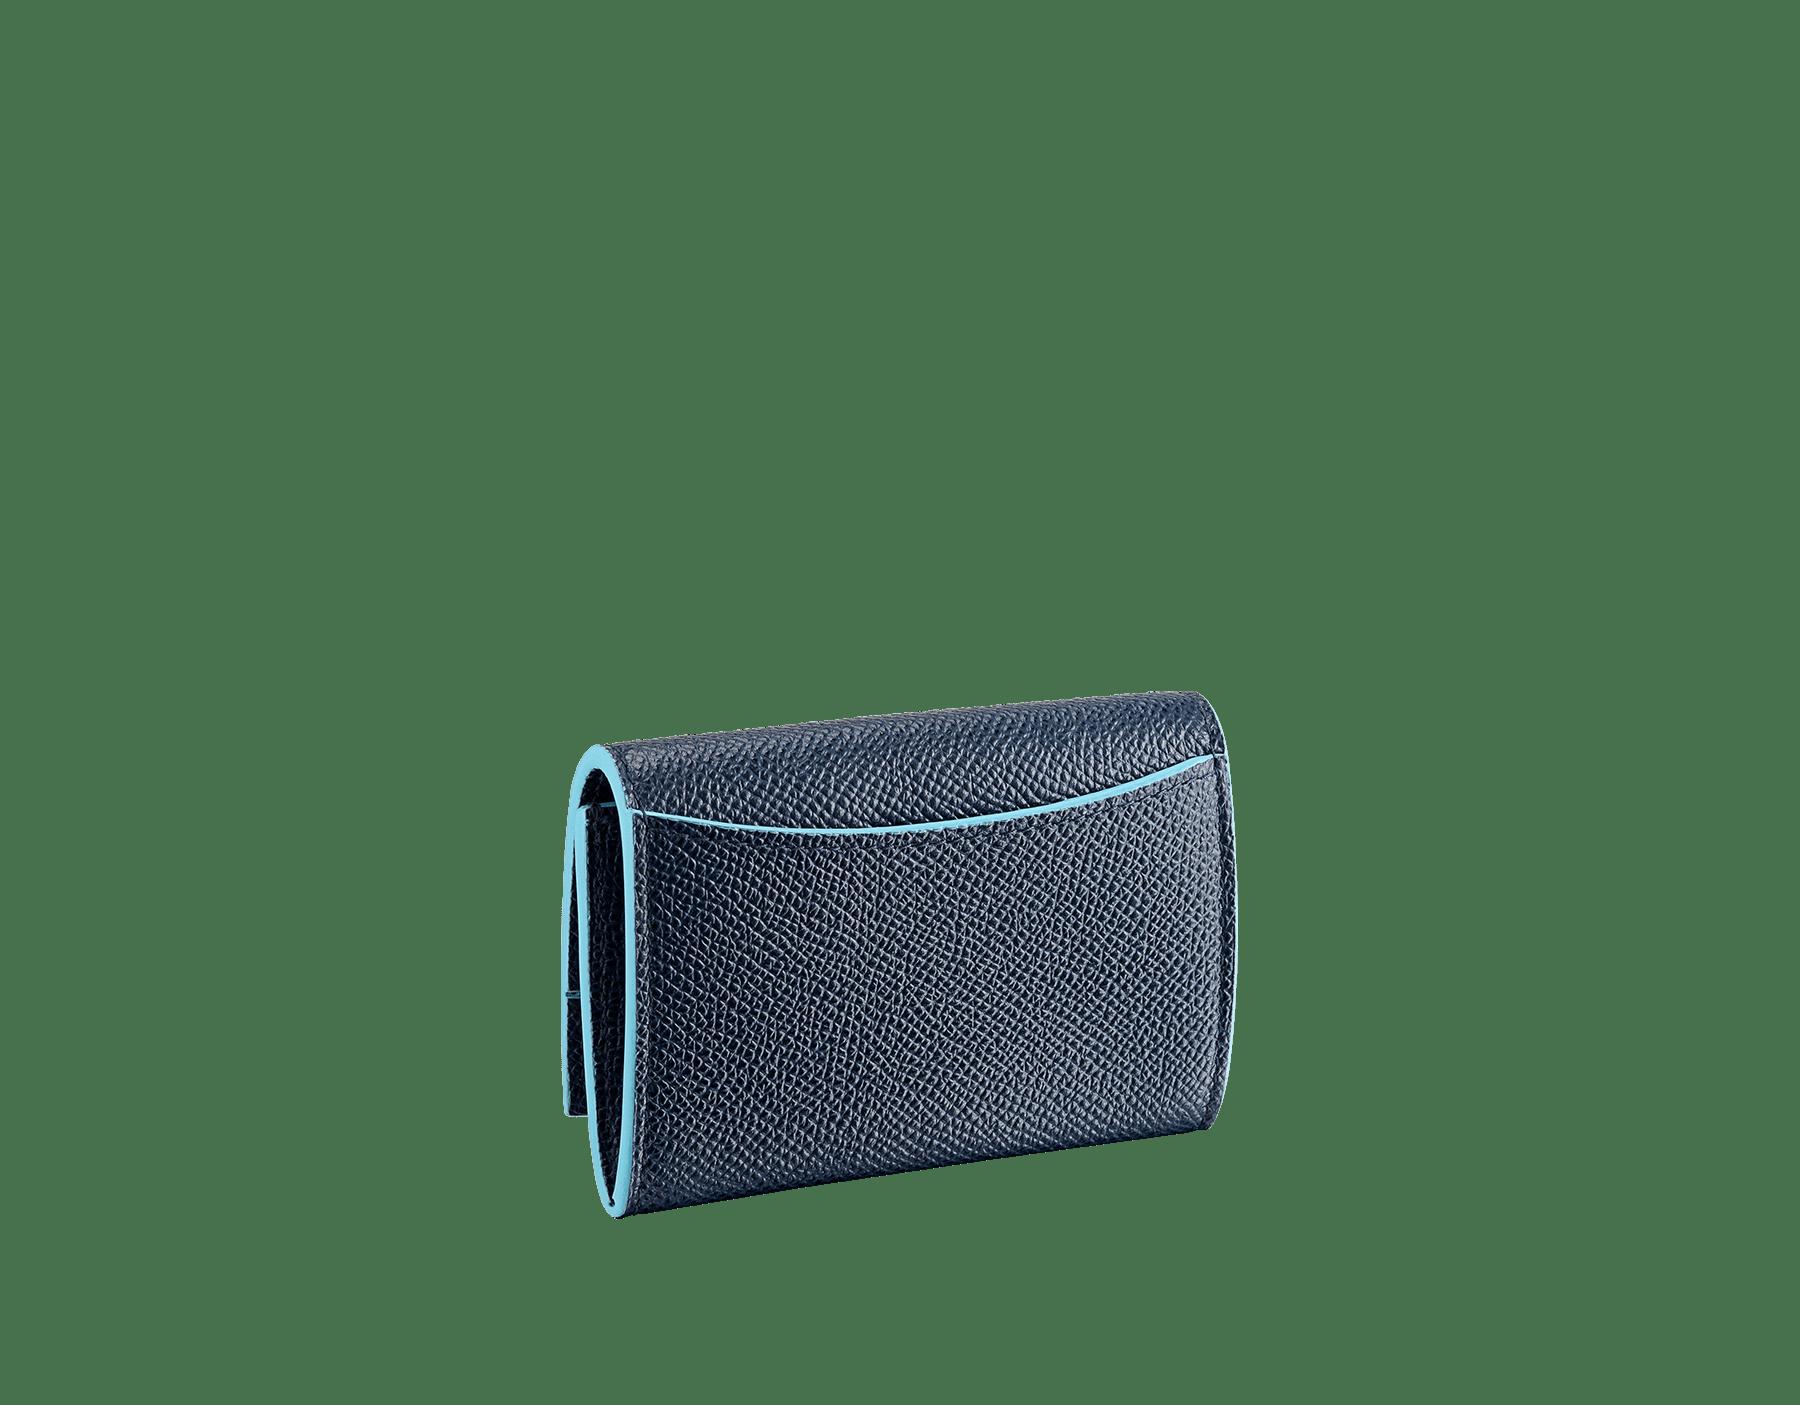 Denim SapphireのブルーとAegean Topazのライトブルーのカーフレザー製「ブルガリ・ブルガリ」コインパース。 ブラスパラジウムプレートのアイコニックなロゴのクロージャークリップ。 290671 image 3